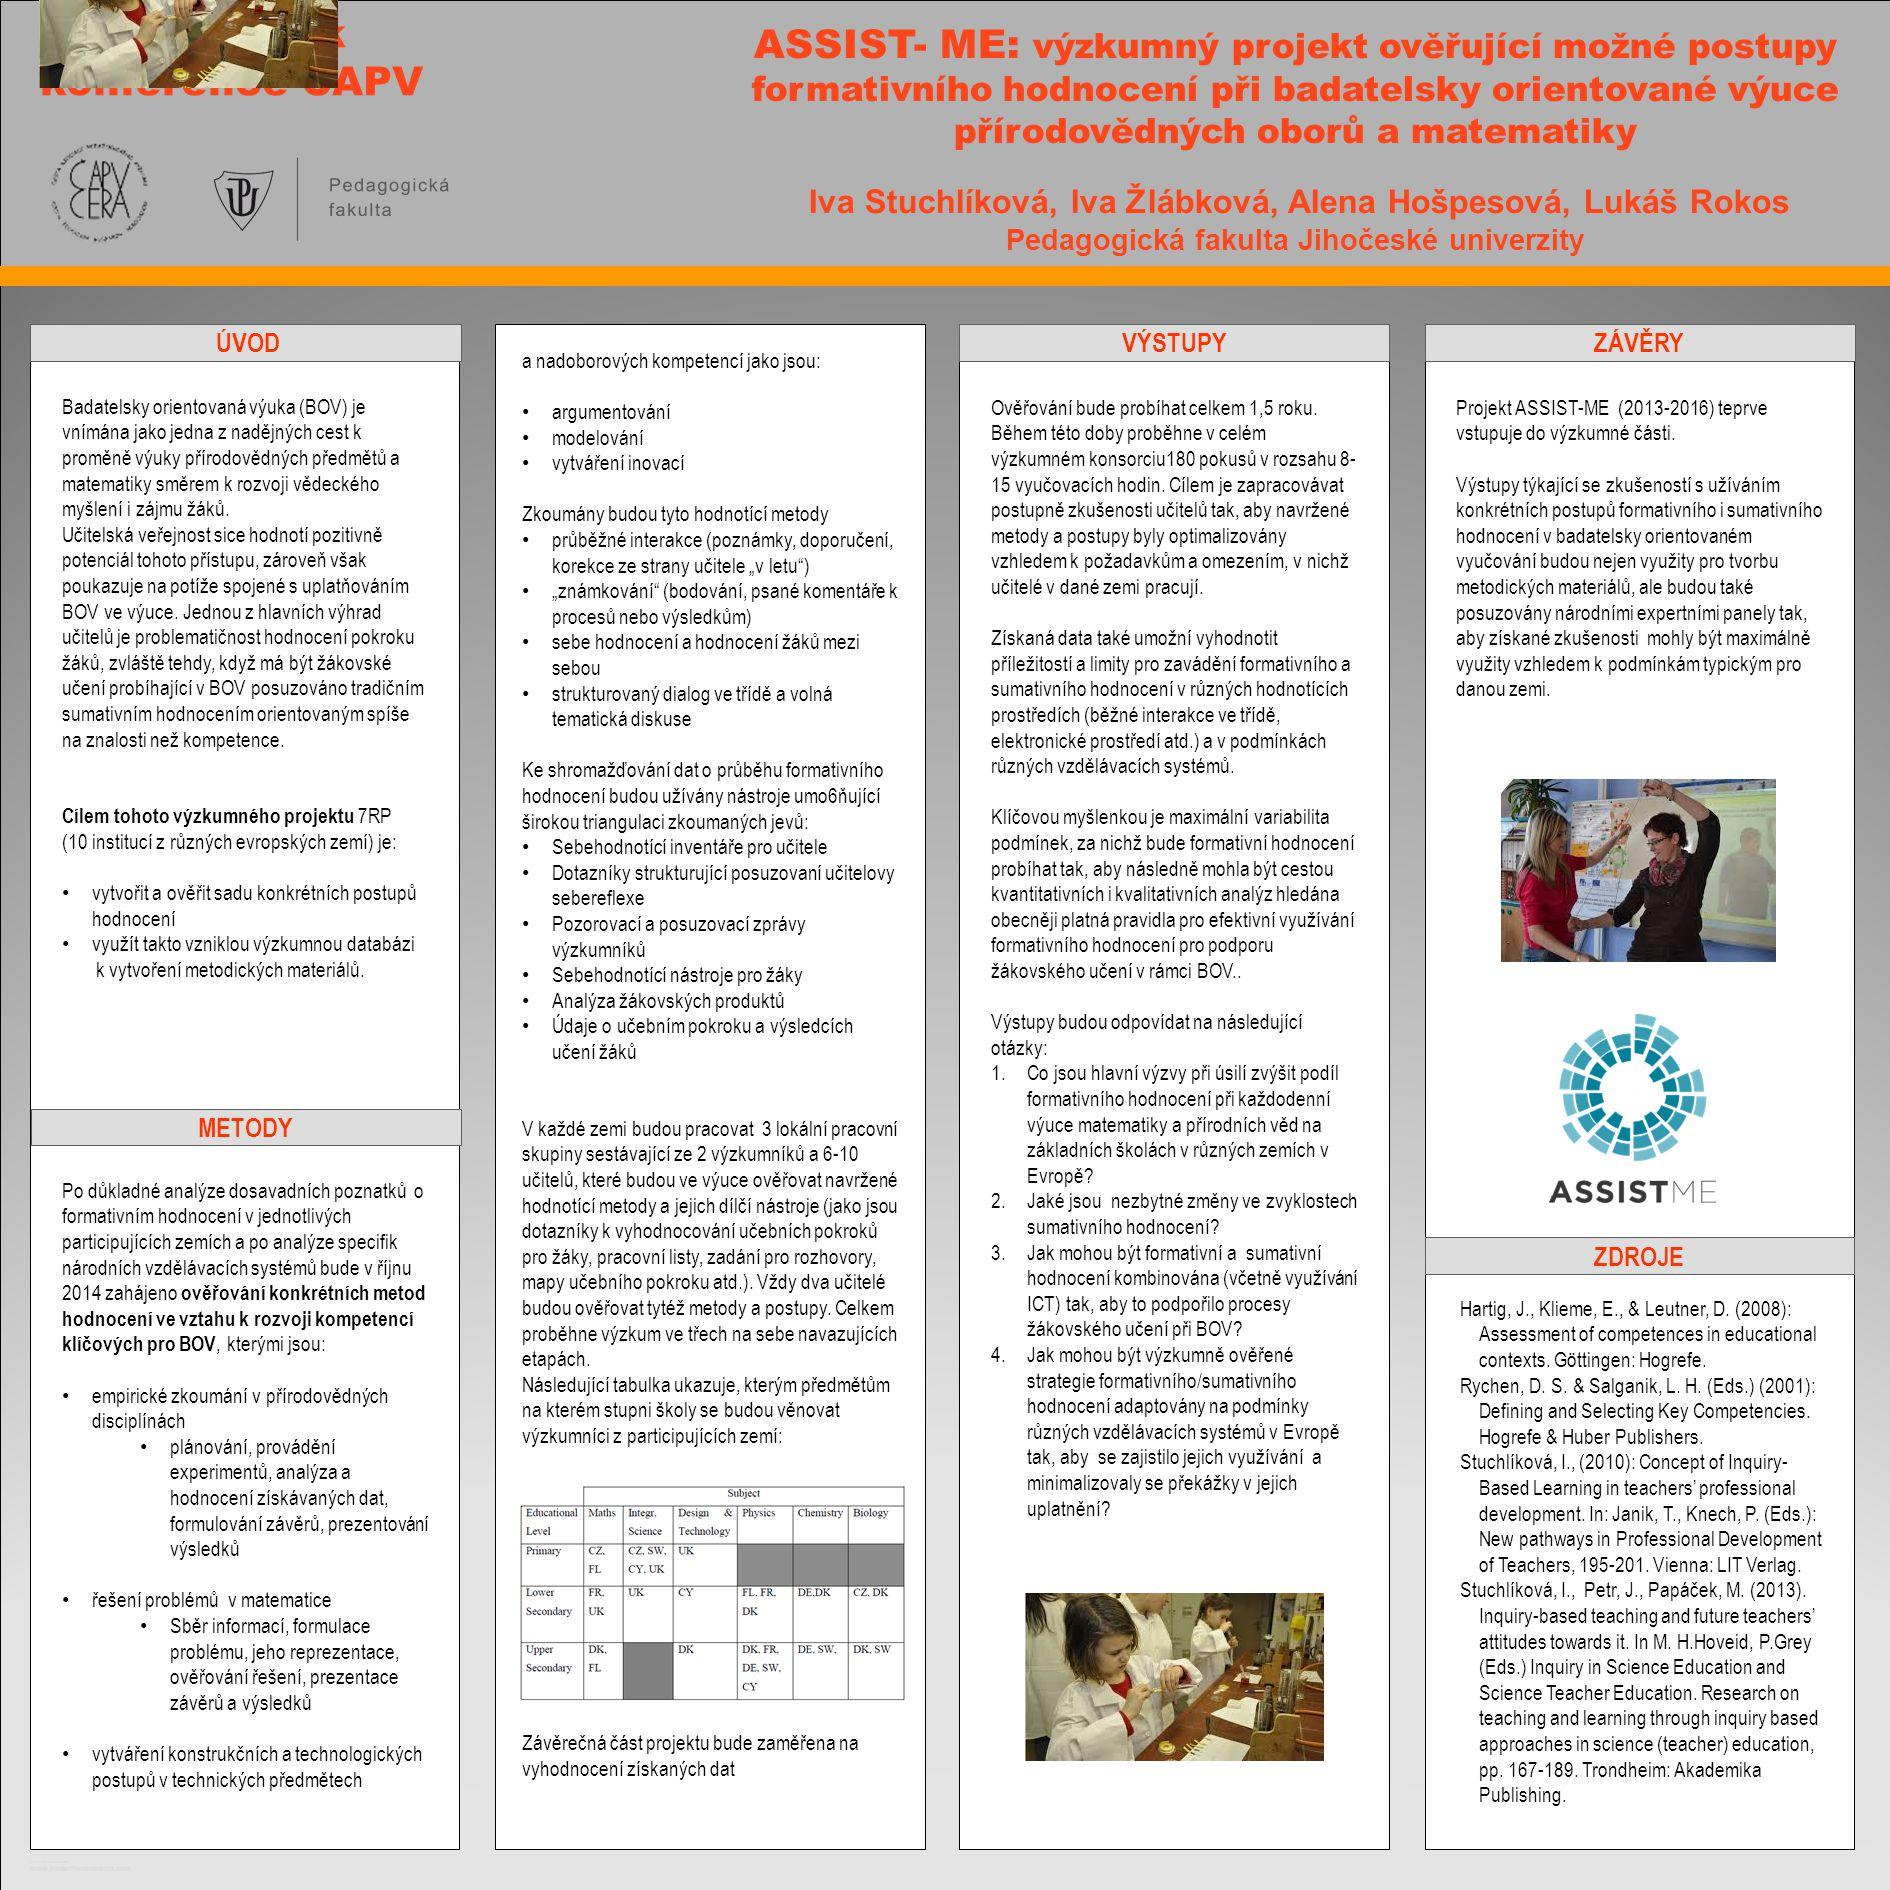 TEMPLATE DESIGN © 2008 www.PosterPresentations.com ASSIST- ME: výzkumný projekt ověřující možné postupy formativního hodnocení při badatelsky orientov